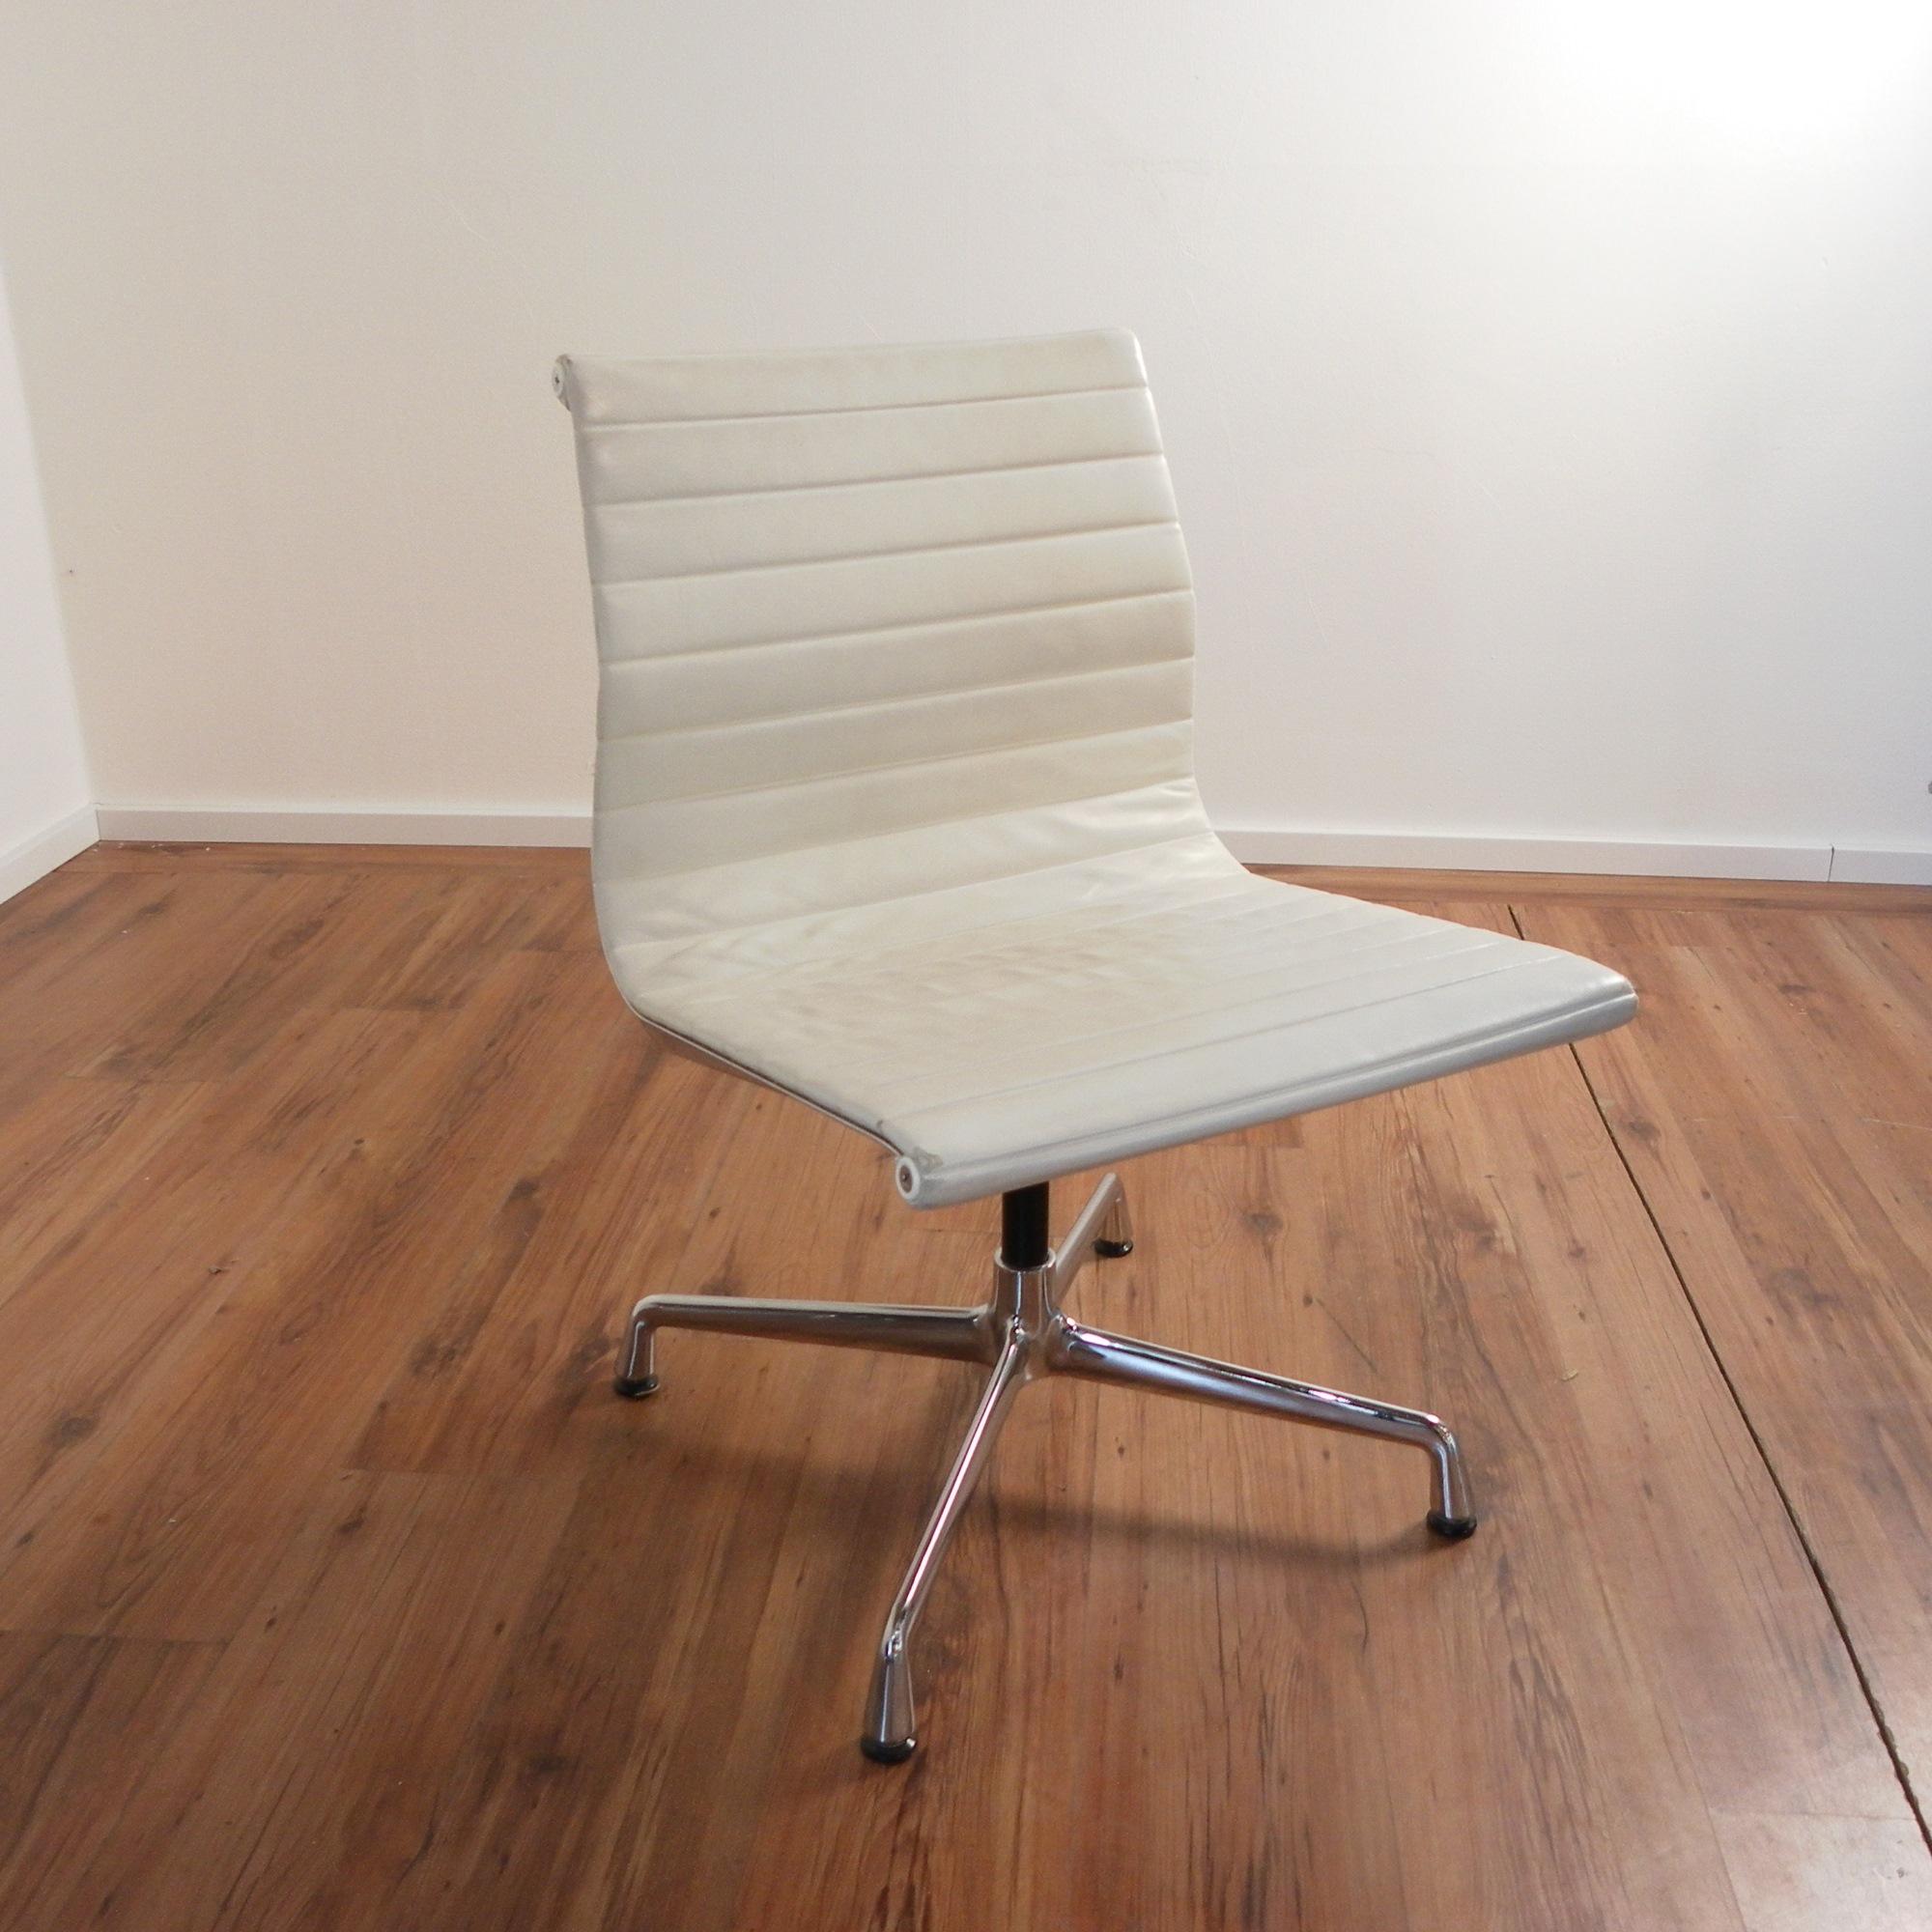 vitra eames alu chair ea 105 konferenzstuhl leder beige. Black Bedroom Furniture Sets. Home Design Ideas